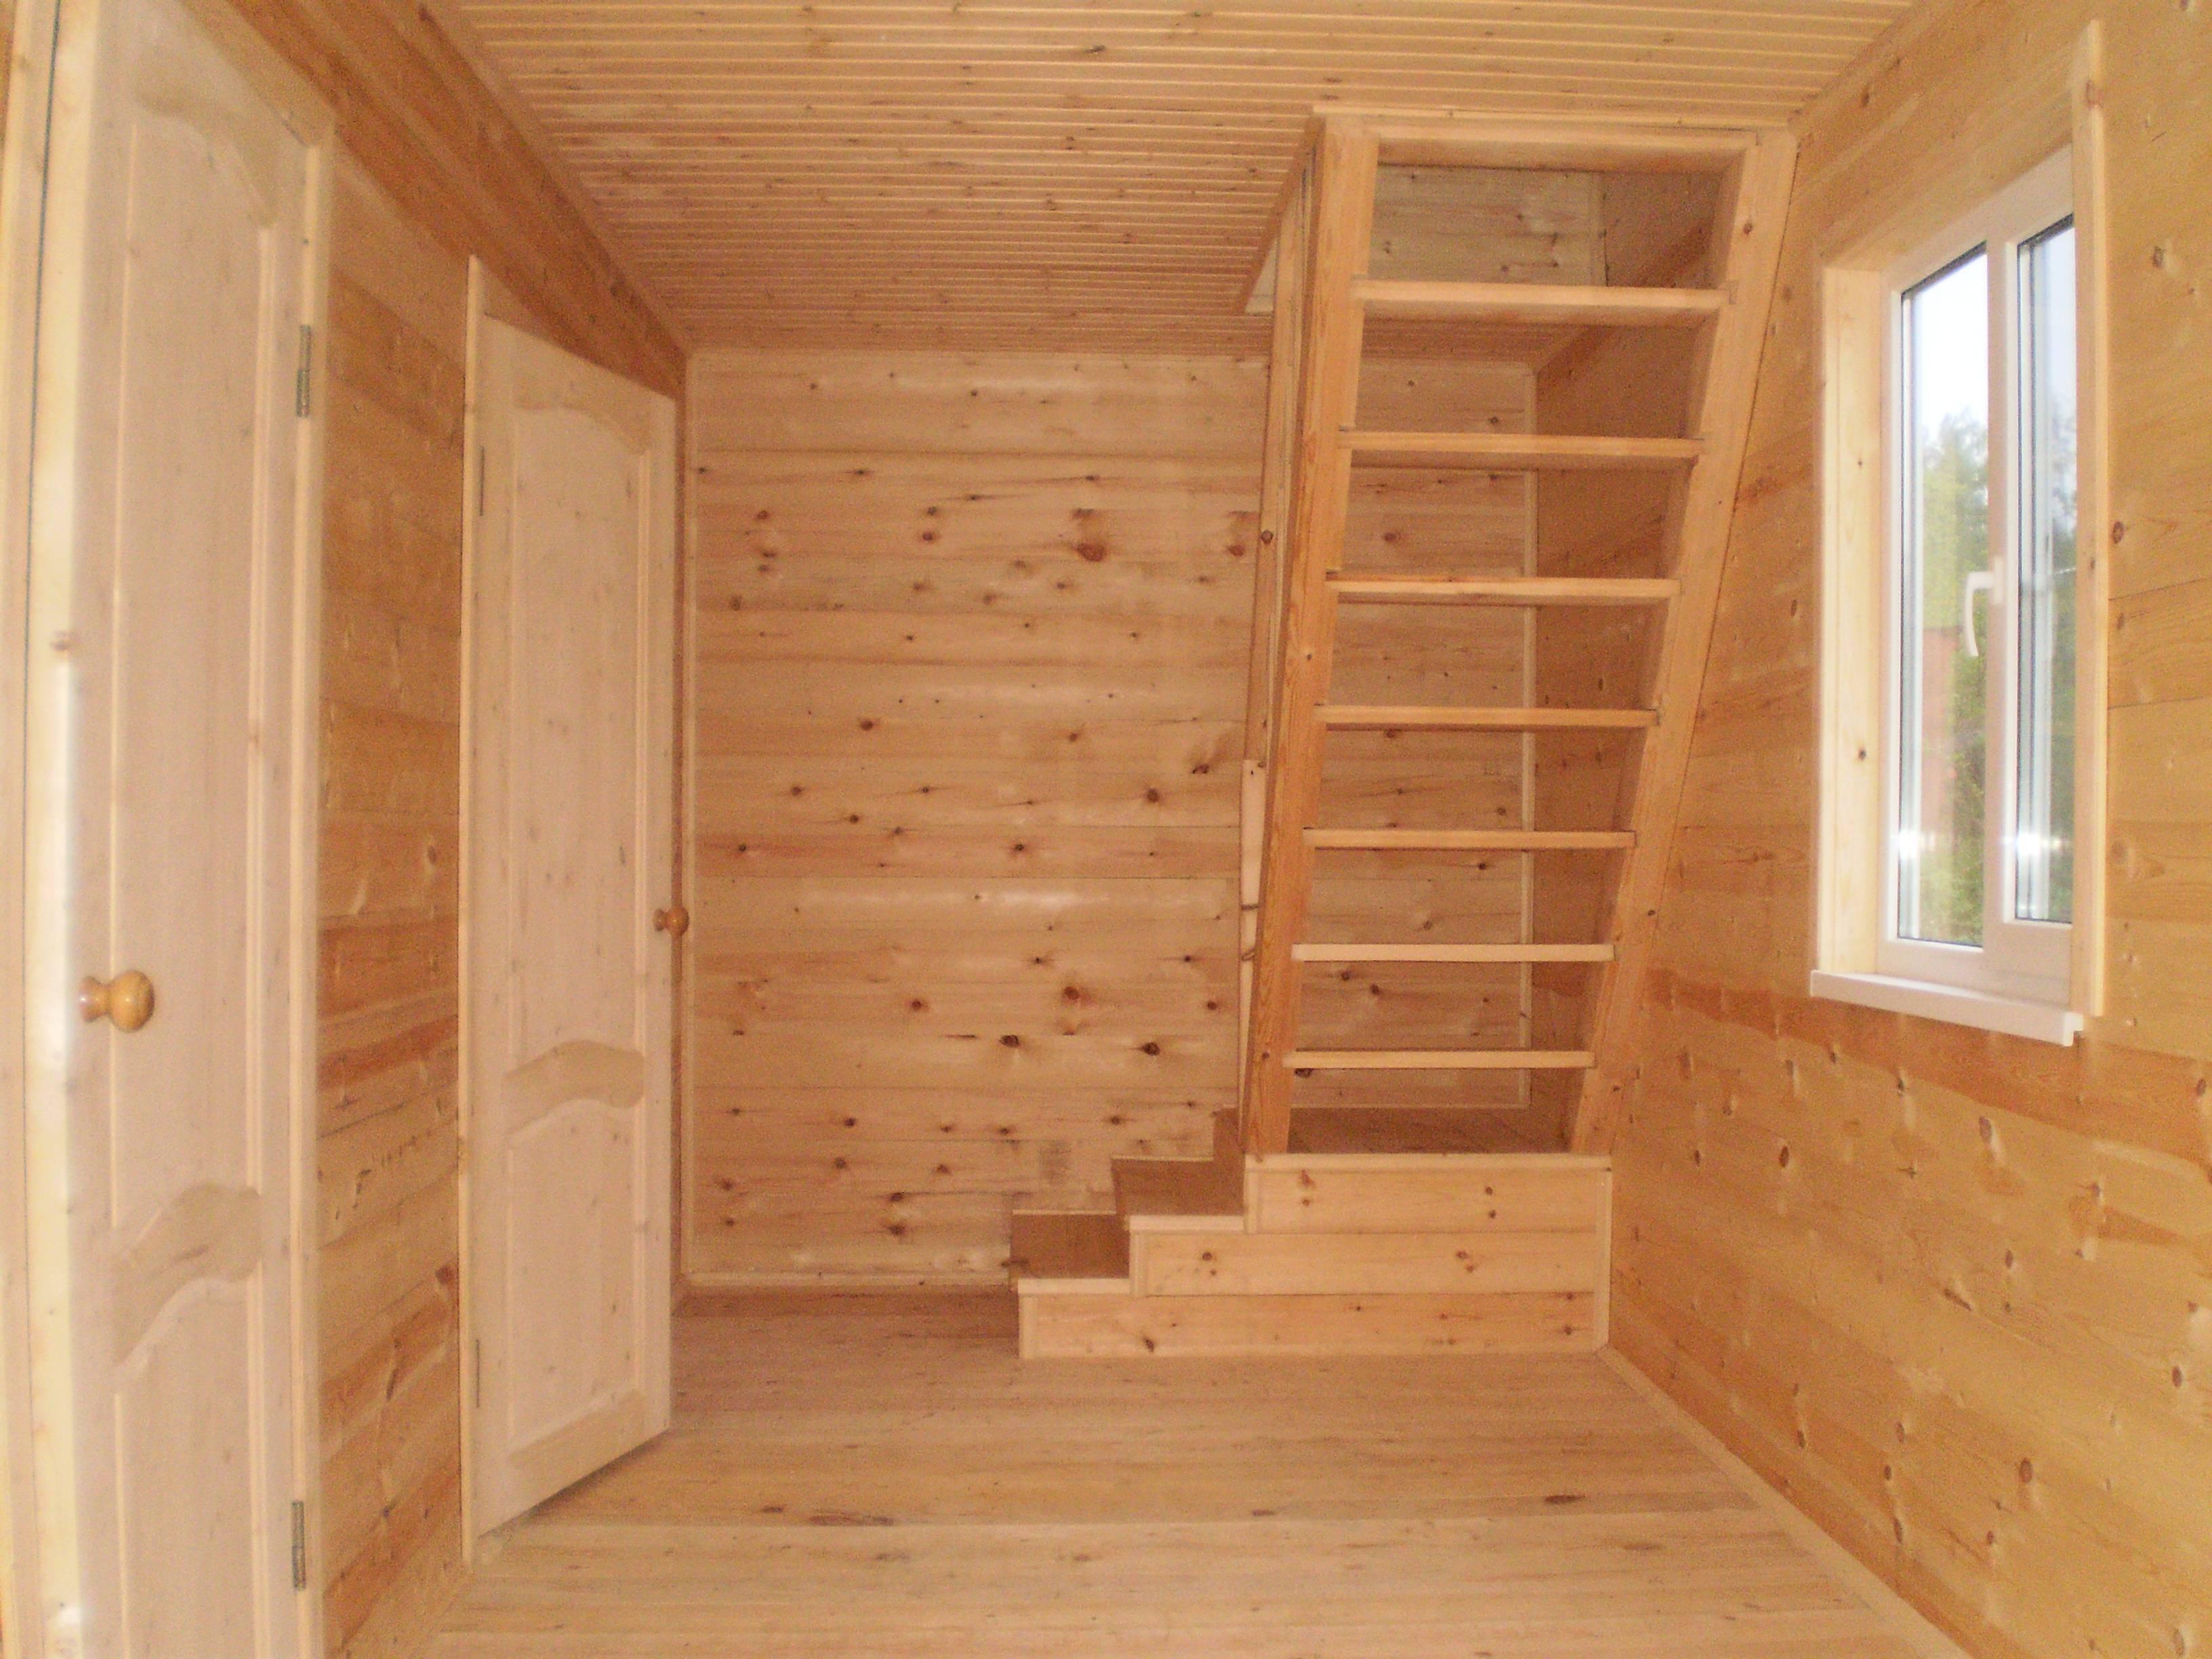 Внутренняя отделка дома из бруса: материалы и правила